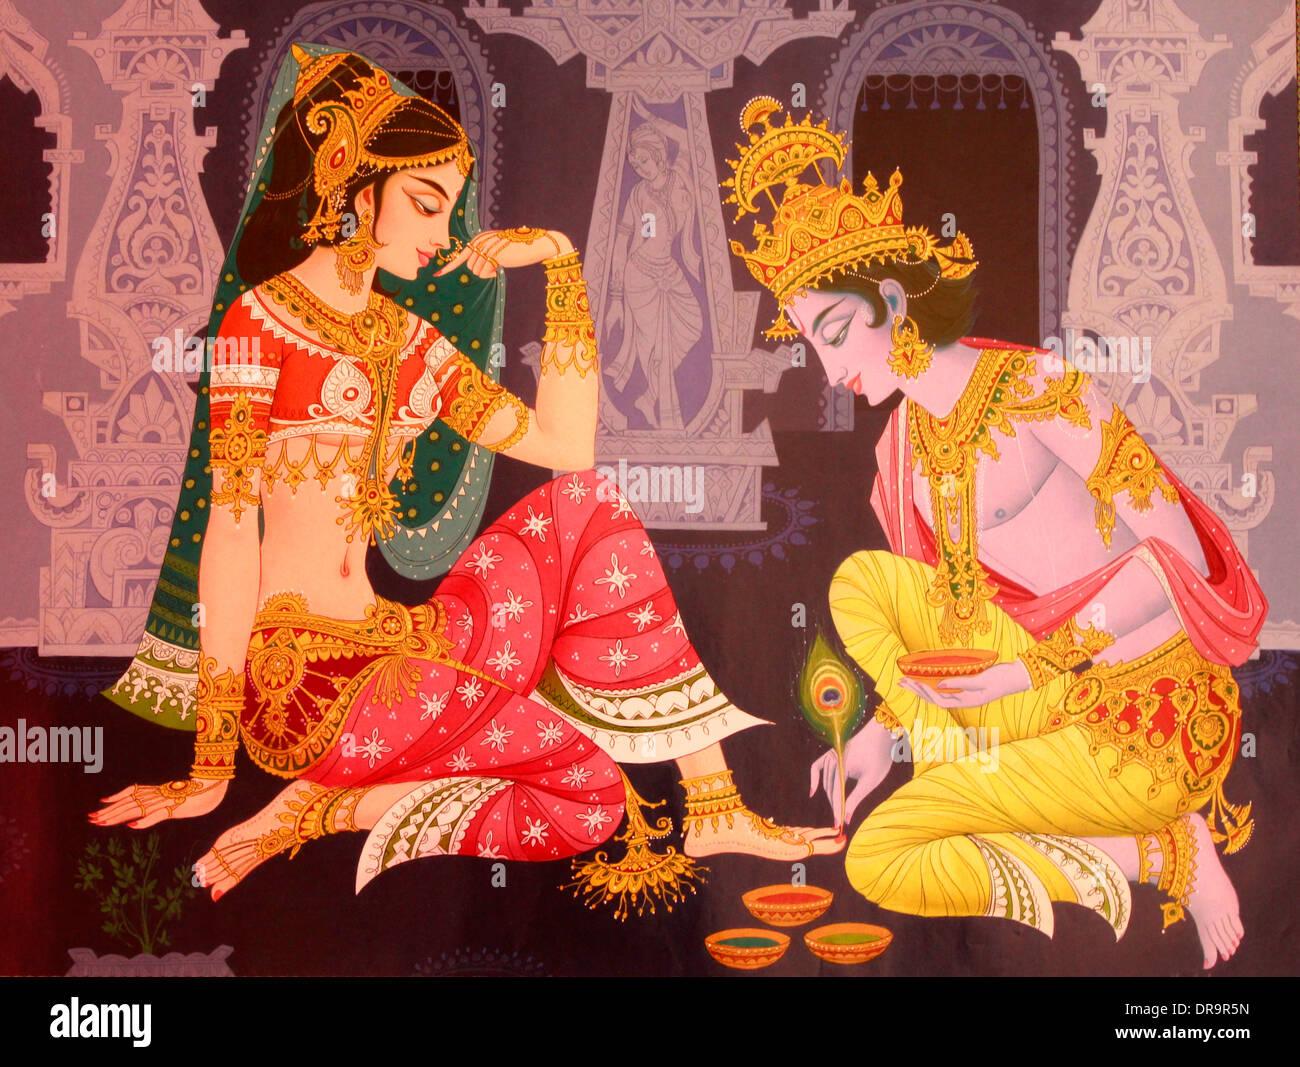 Krishna god painting stock photos krishna god painting for Mural radha krishna